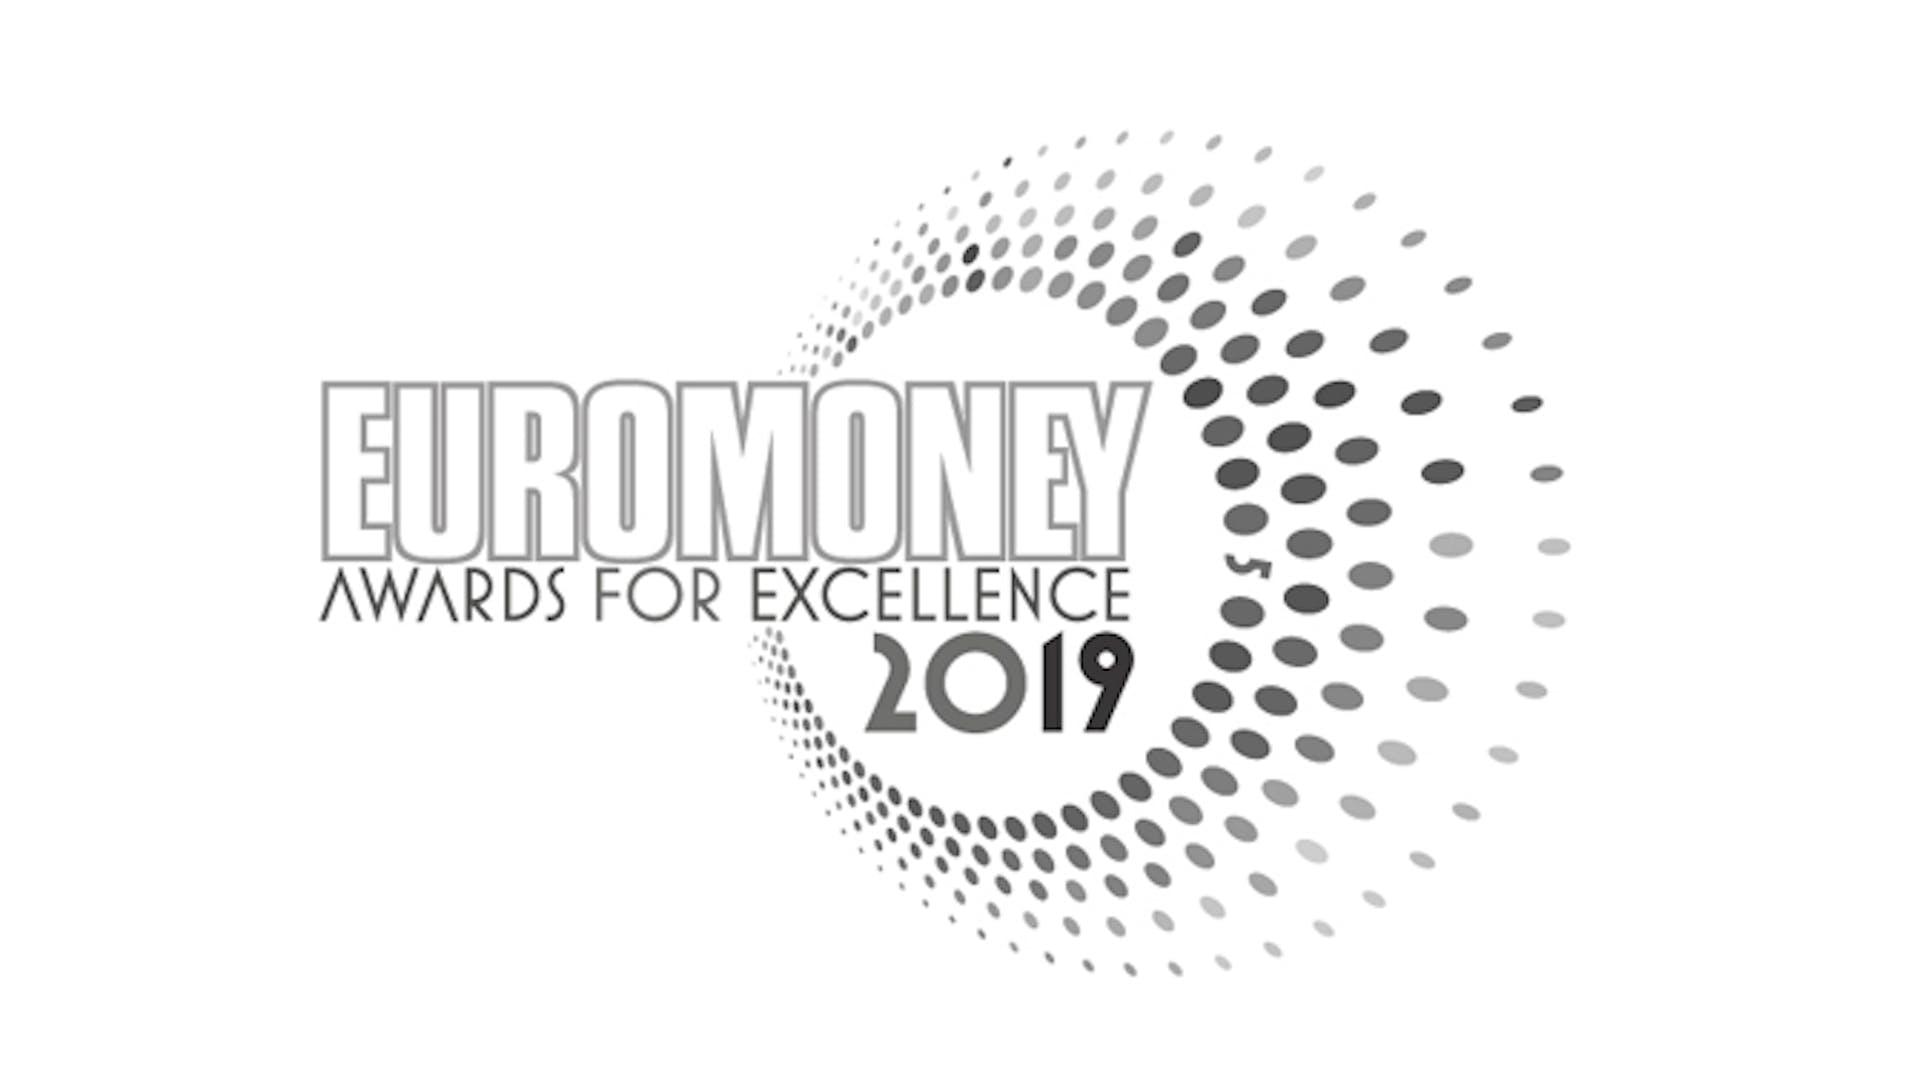 Euromoney 2019